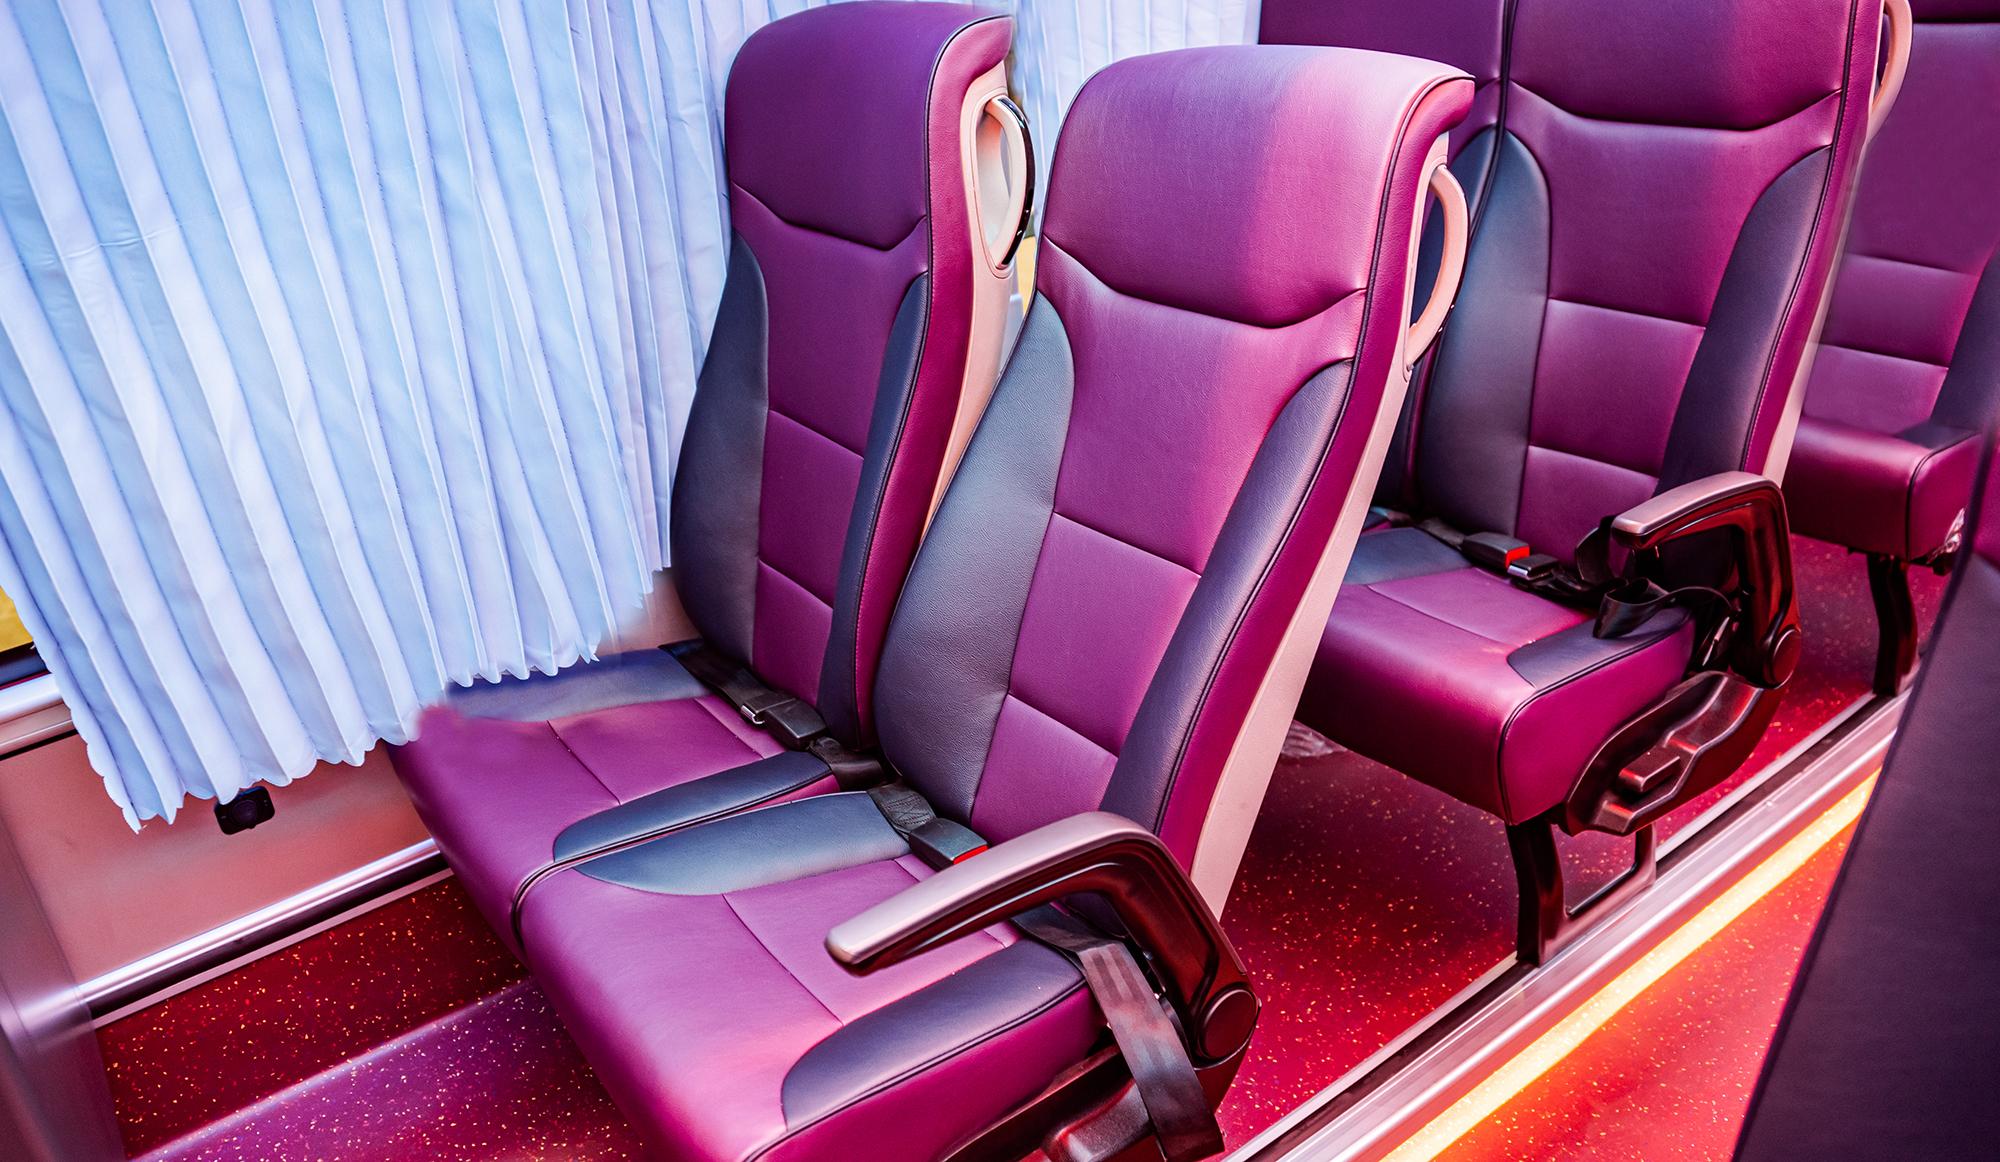 Ghế hành khách cao cấp - trang bị seatbelt